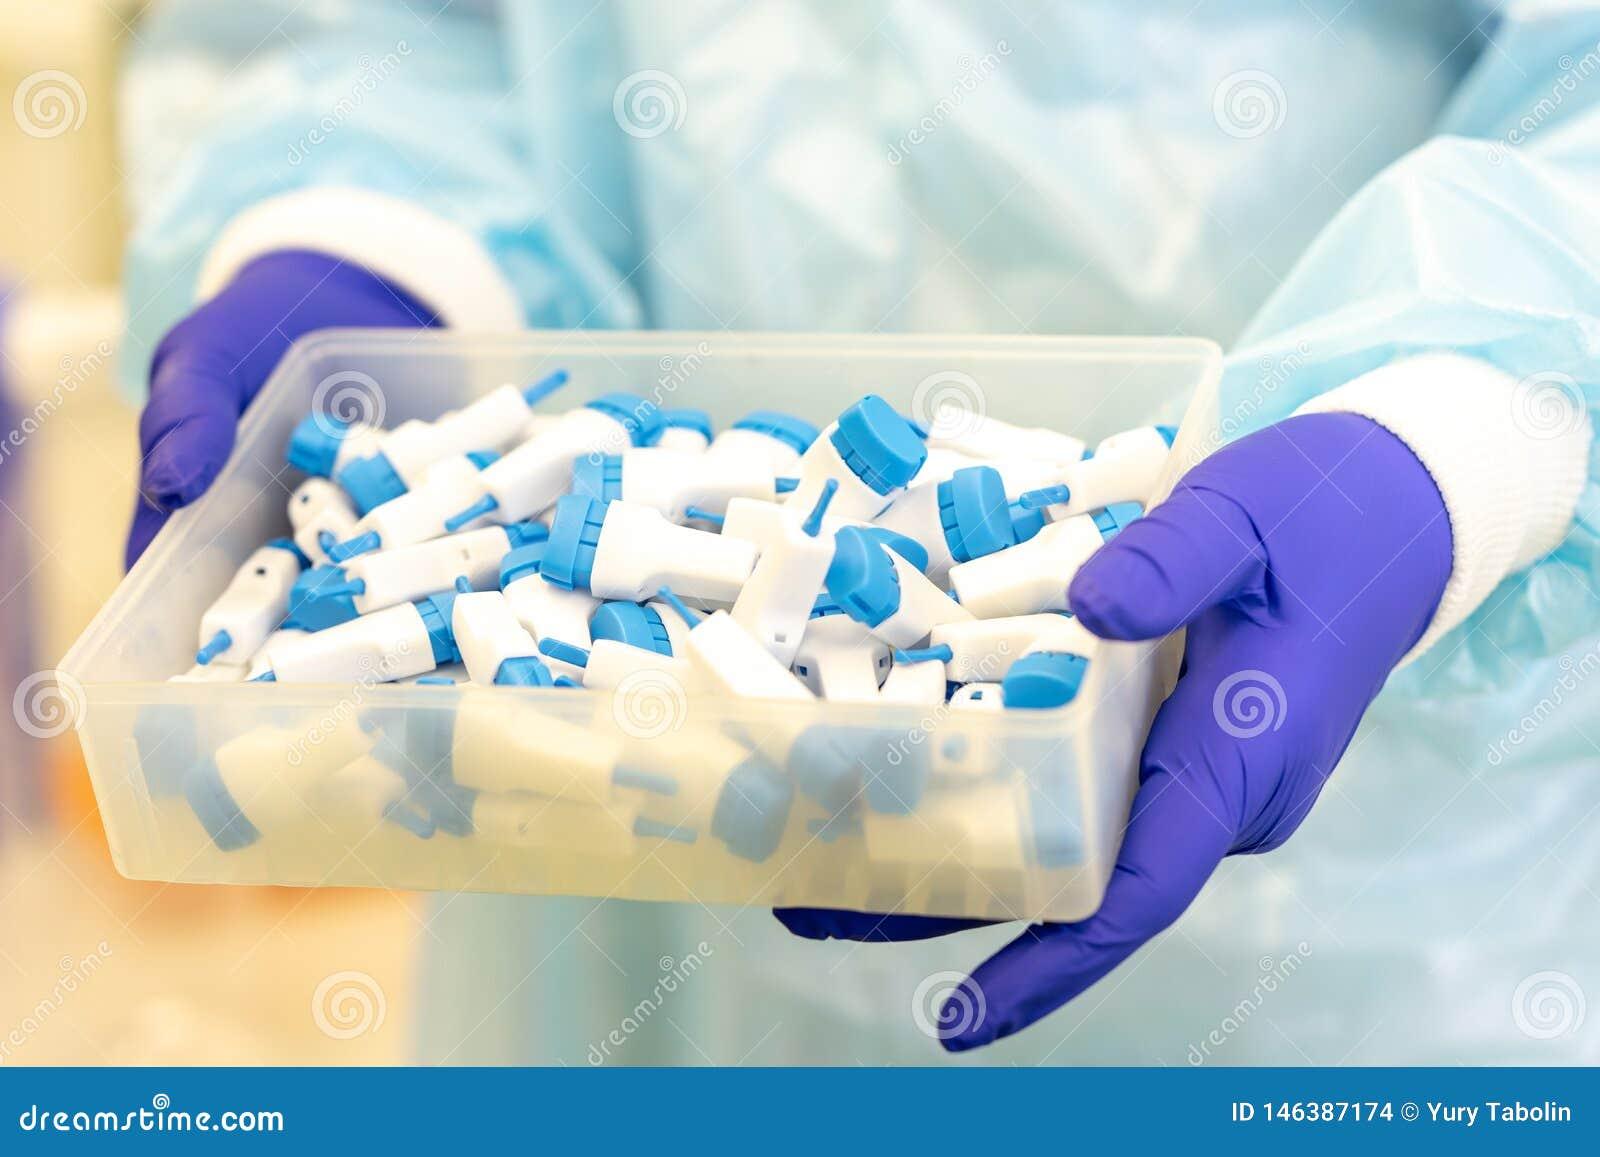 Scarificators voor bloedanalyse in de handen van een laboratoriummedewerker